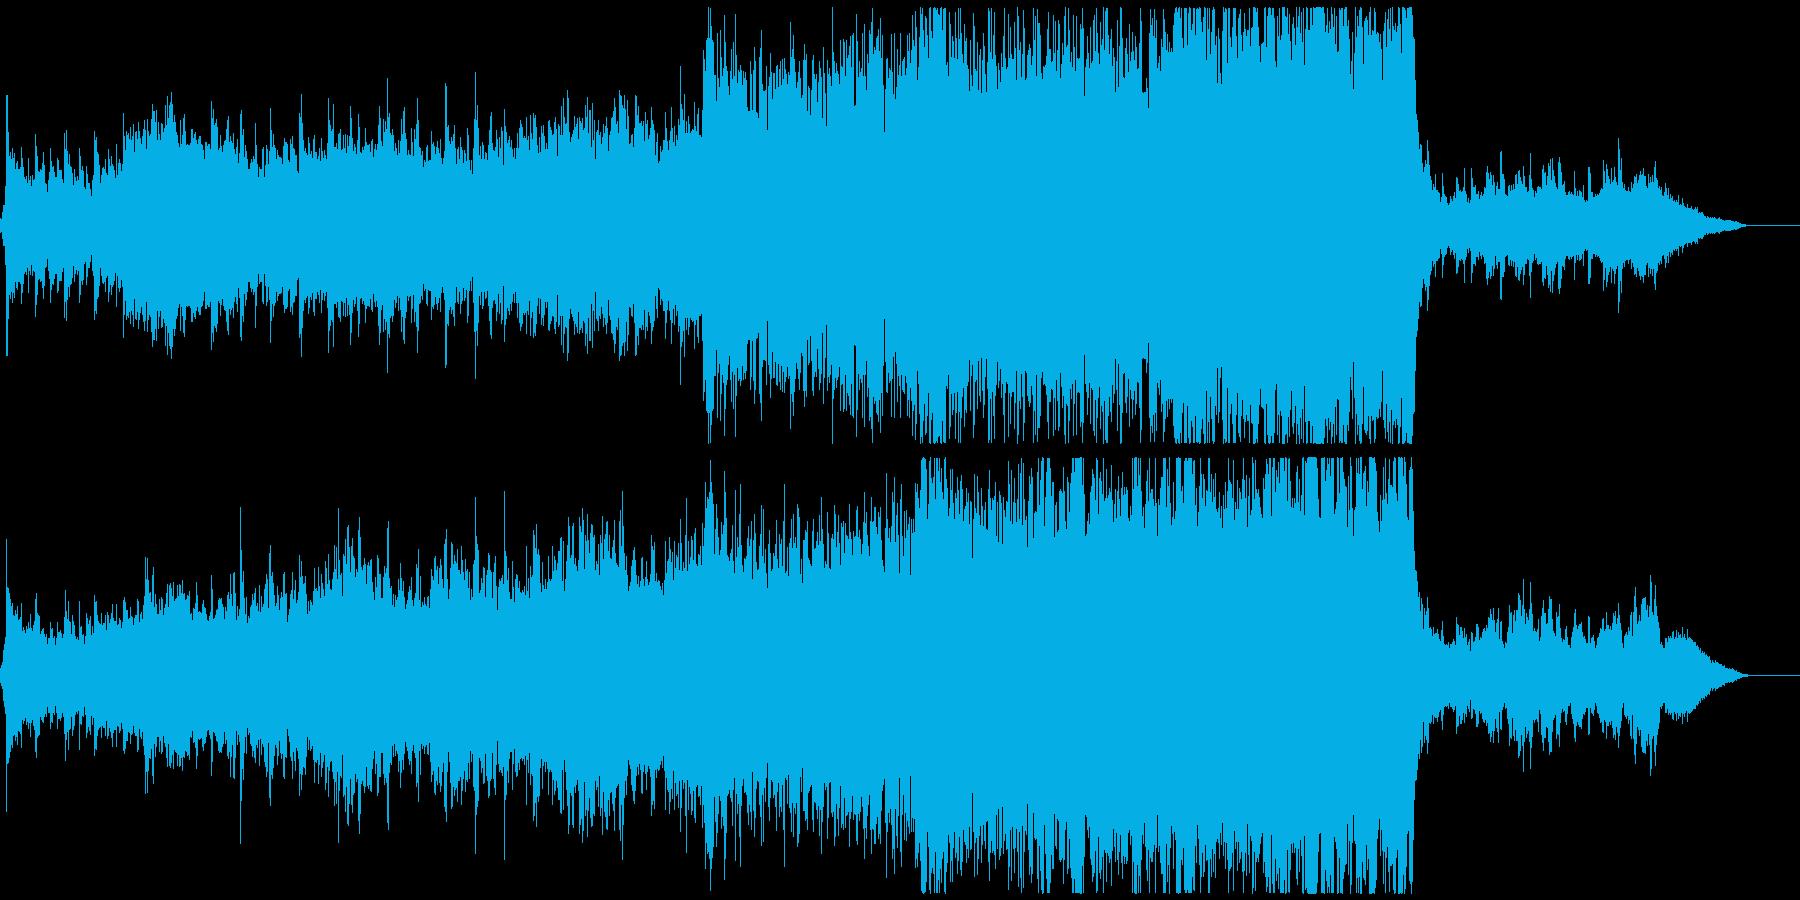 オーケストラとピアノの幸福感のある音楽の再生済みの波形